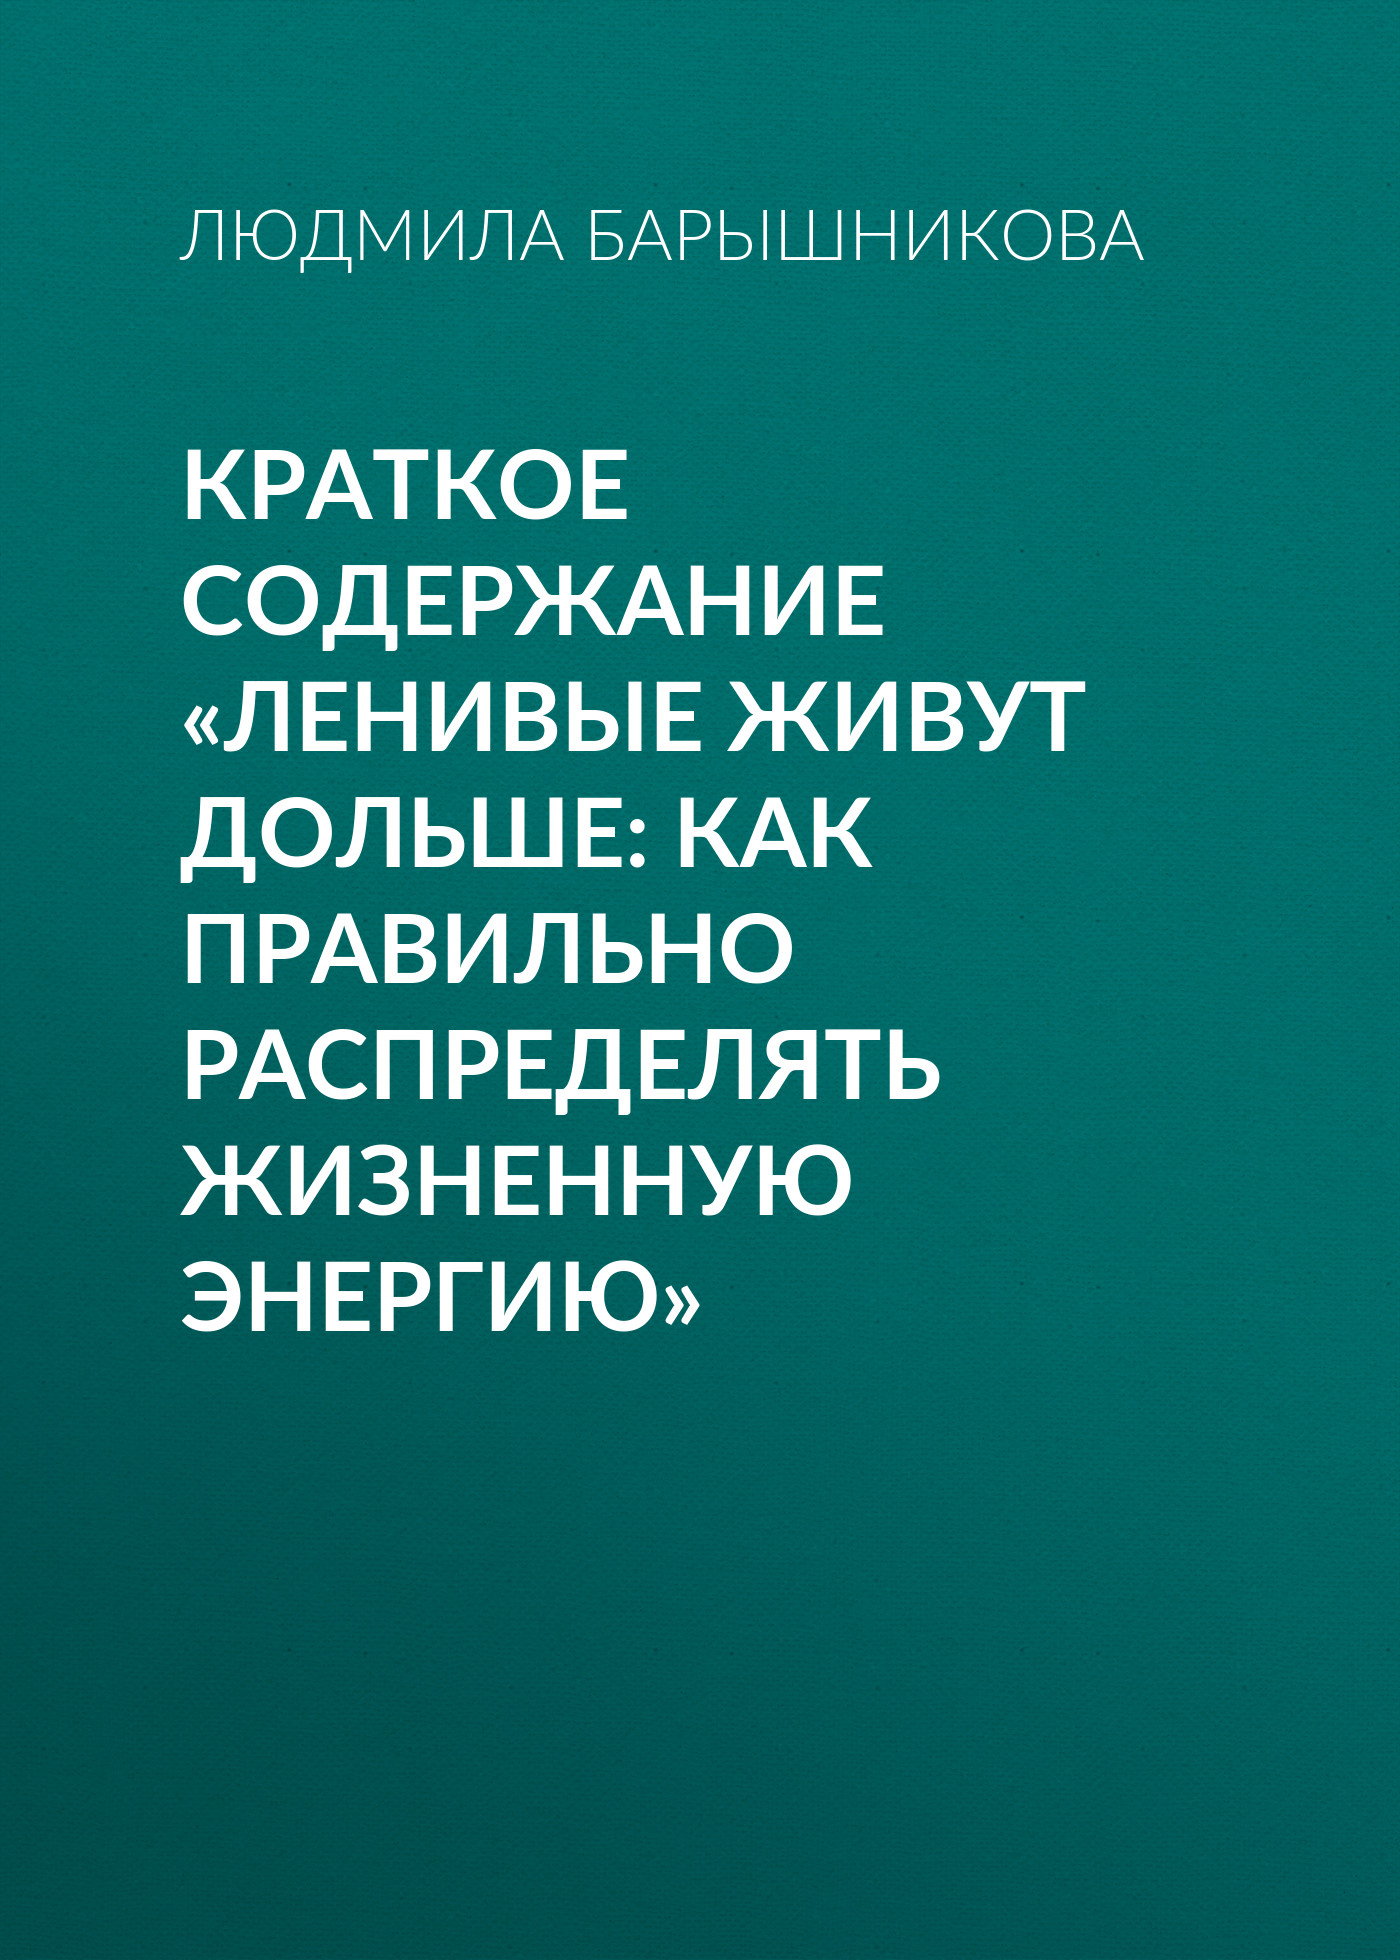 Людмила Барышникова Краткое содержание «Ленивые живут дольше: Как правильно распределять жизненную энергию» дональд клифтон том рат 0 сила оптимизма почему позитивные люди живут дольше